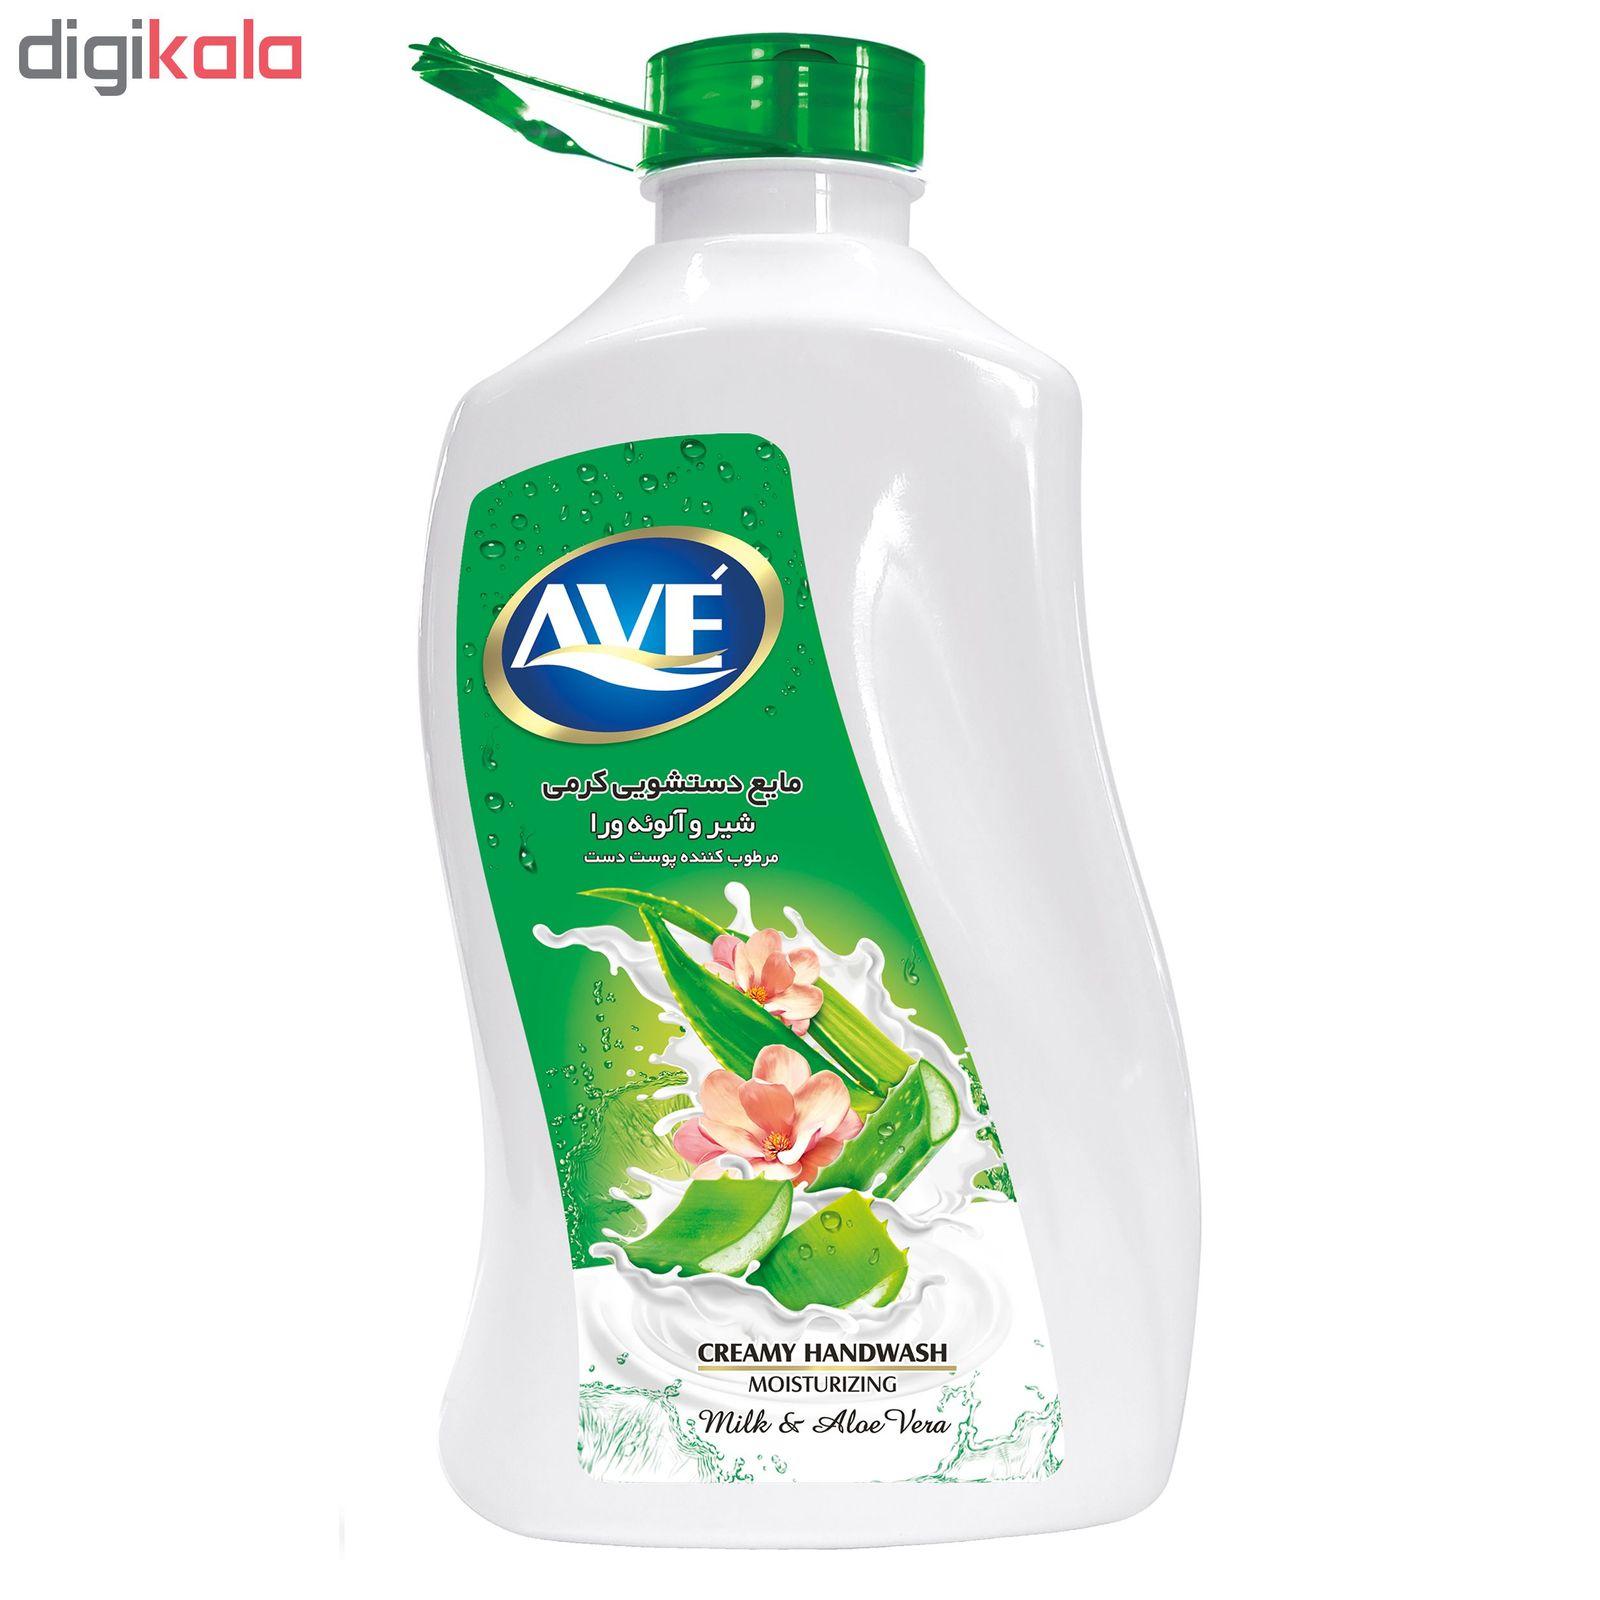 مایع دستشویی کرمی اوه مدل Aloevera حجم 2 لیتر main 1 1